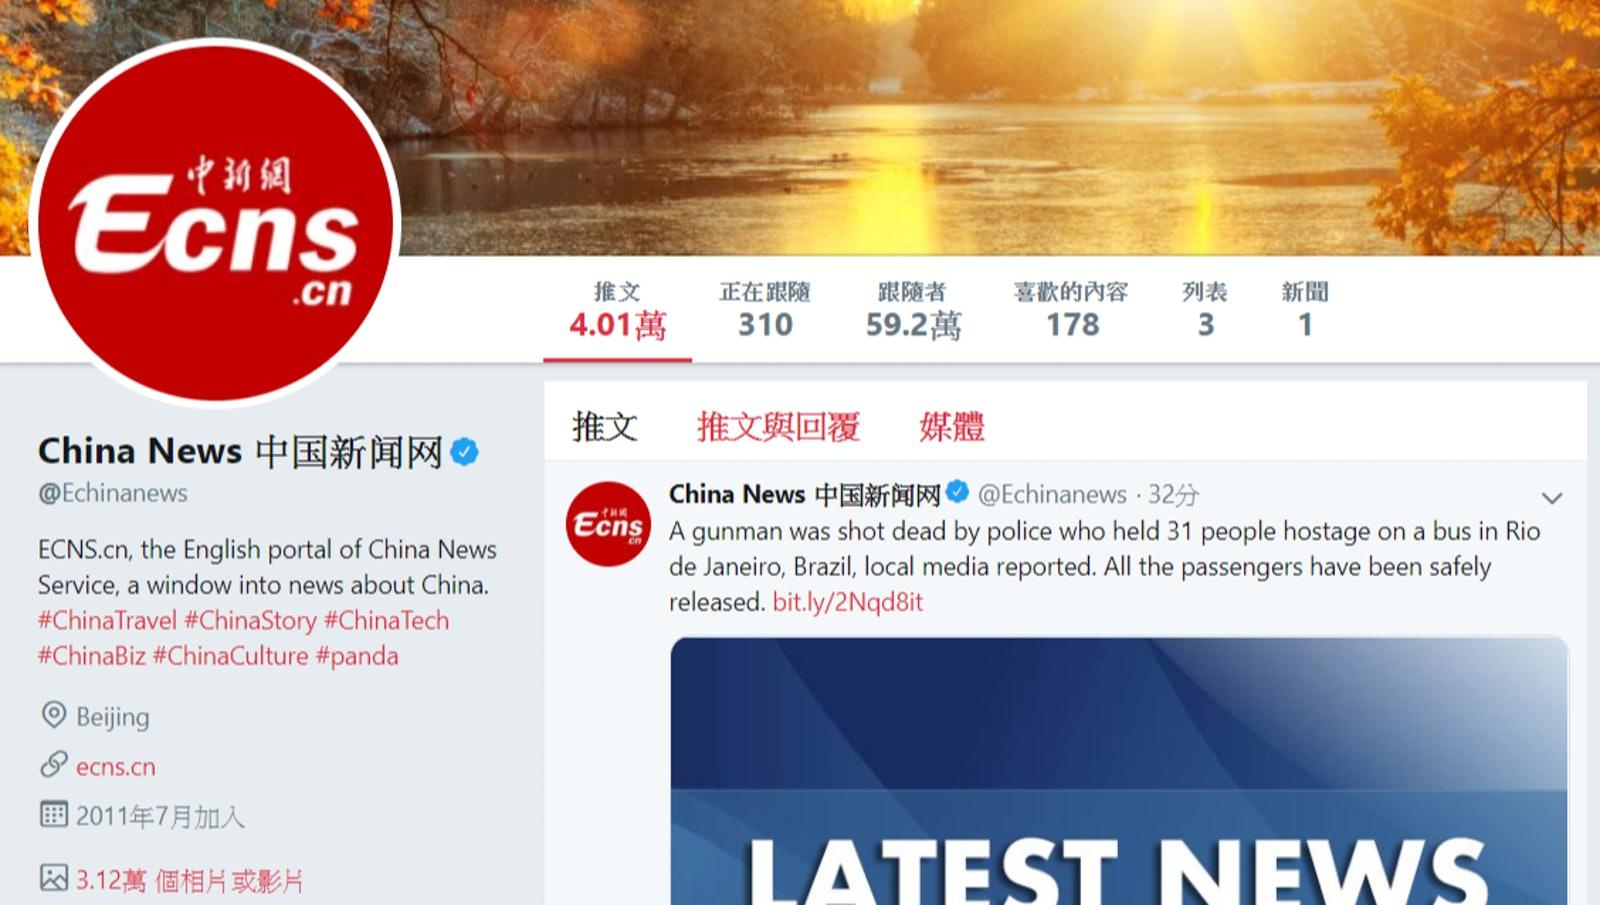 香港01 | 官媒招标推特推广项目曝光:斥资125万增加58万粉丝